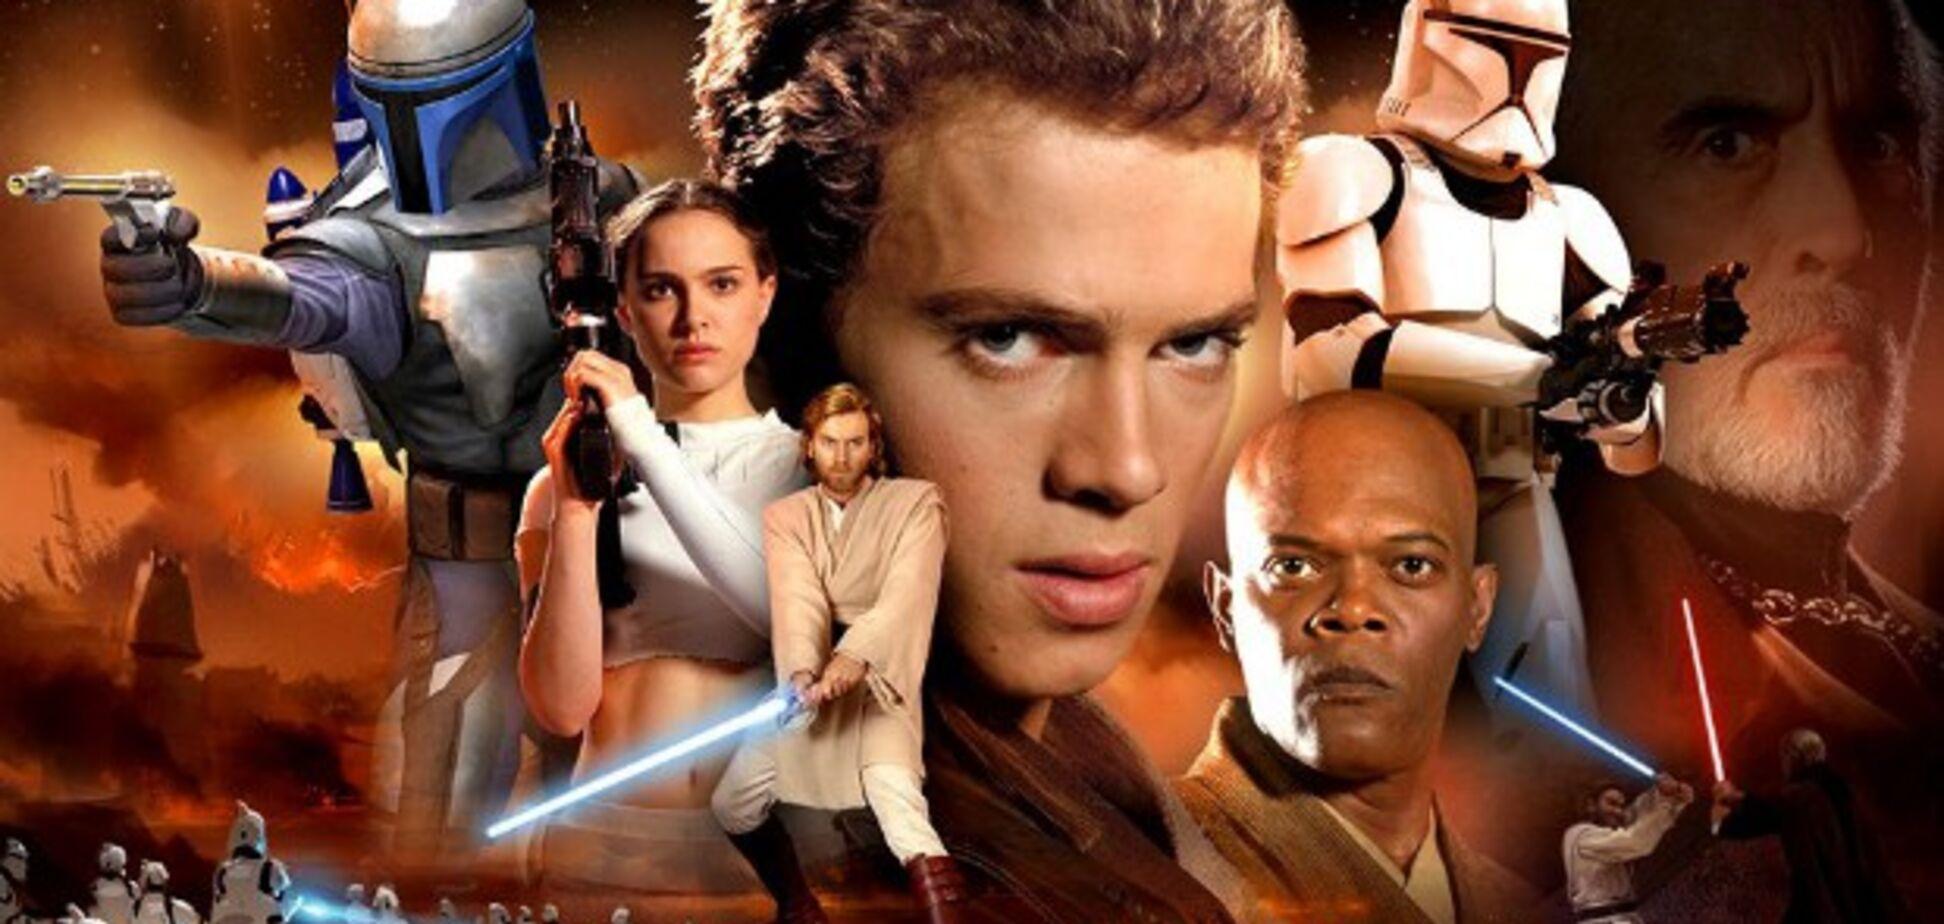 'Звездные войны': в сети появился рейтинг самых удачных эпизодов культовой саги